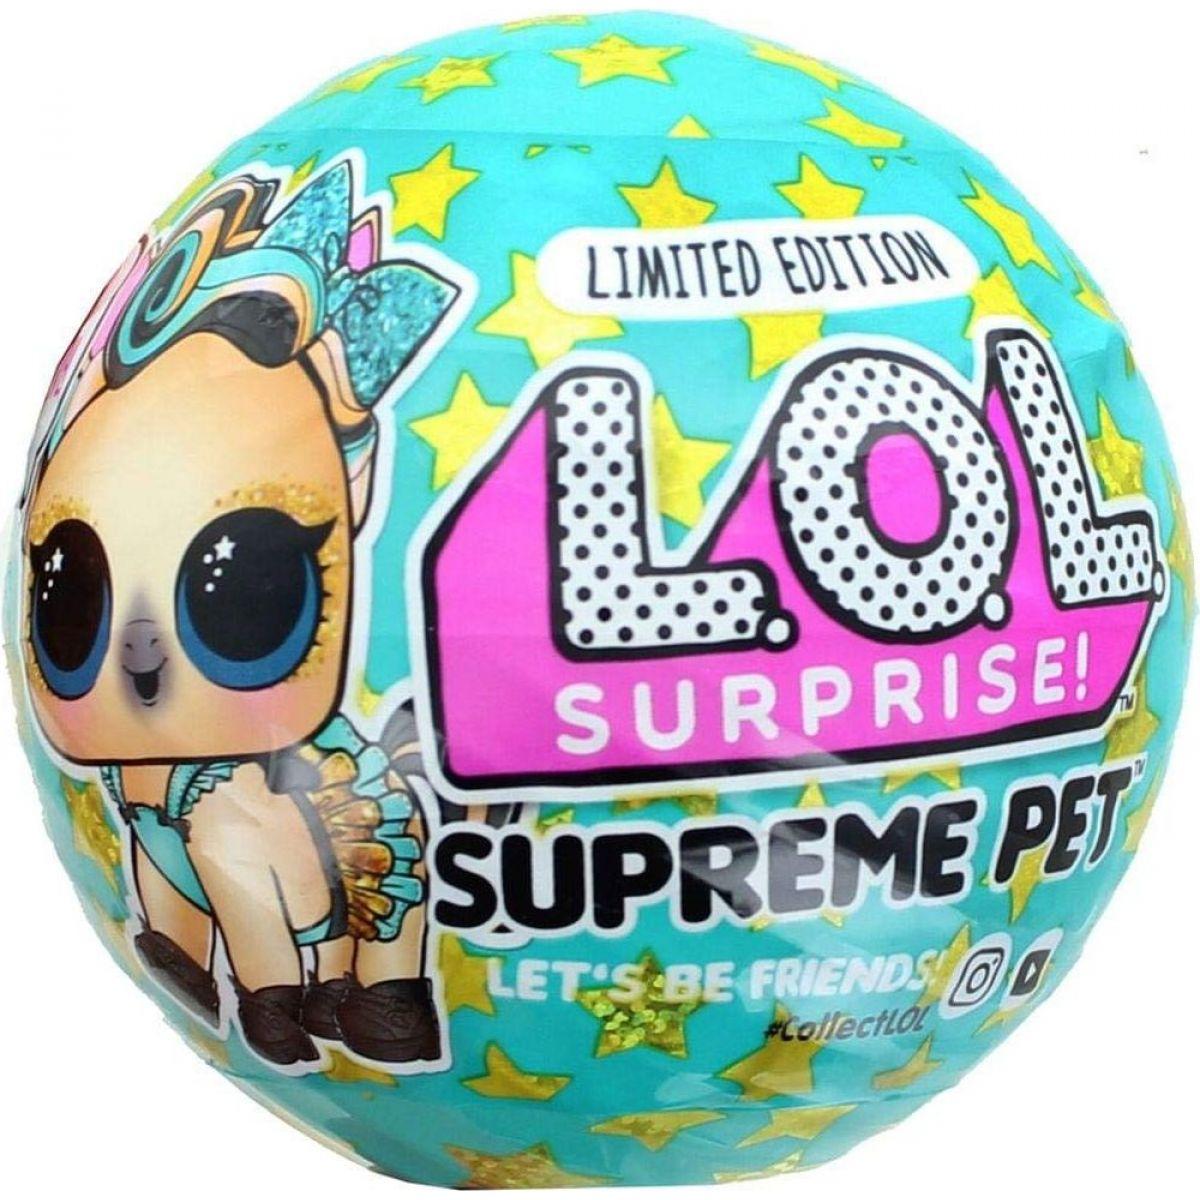 L.O.L. Surprise Zvířátko Limited Edition